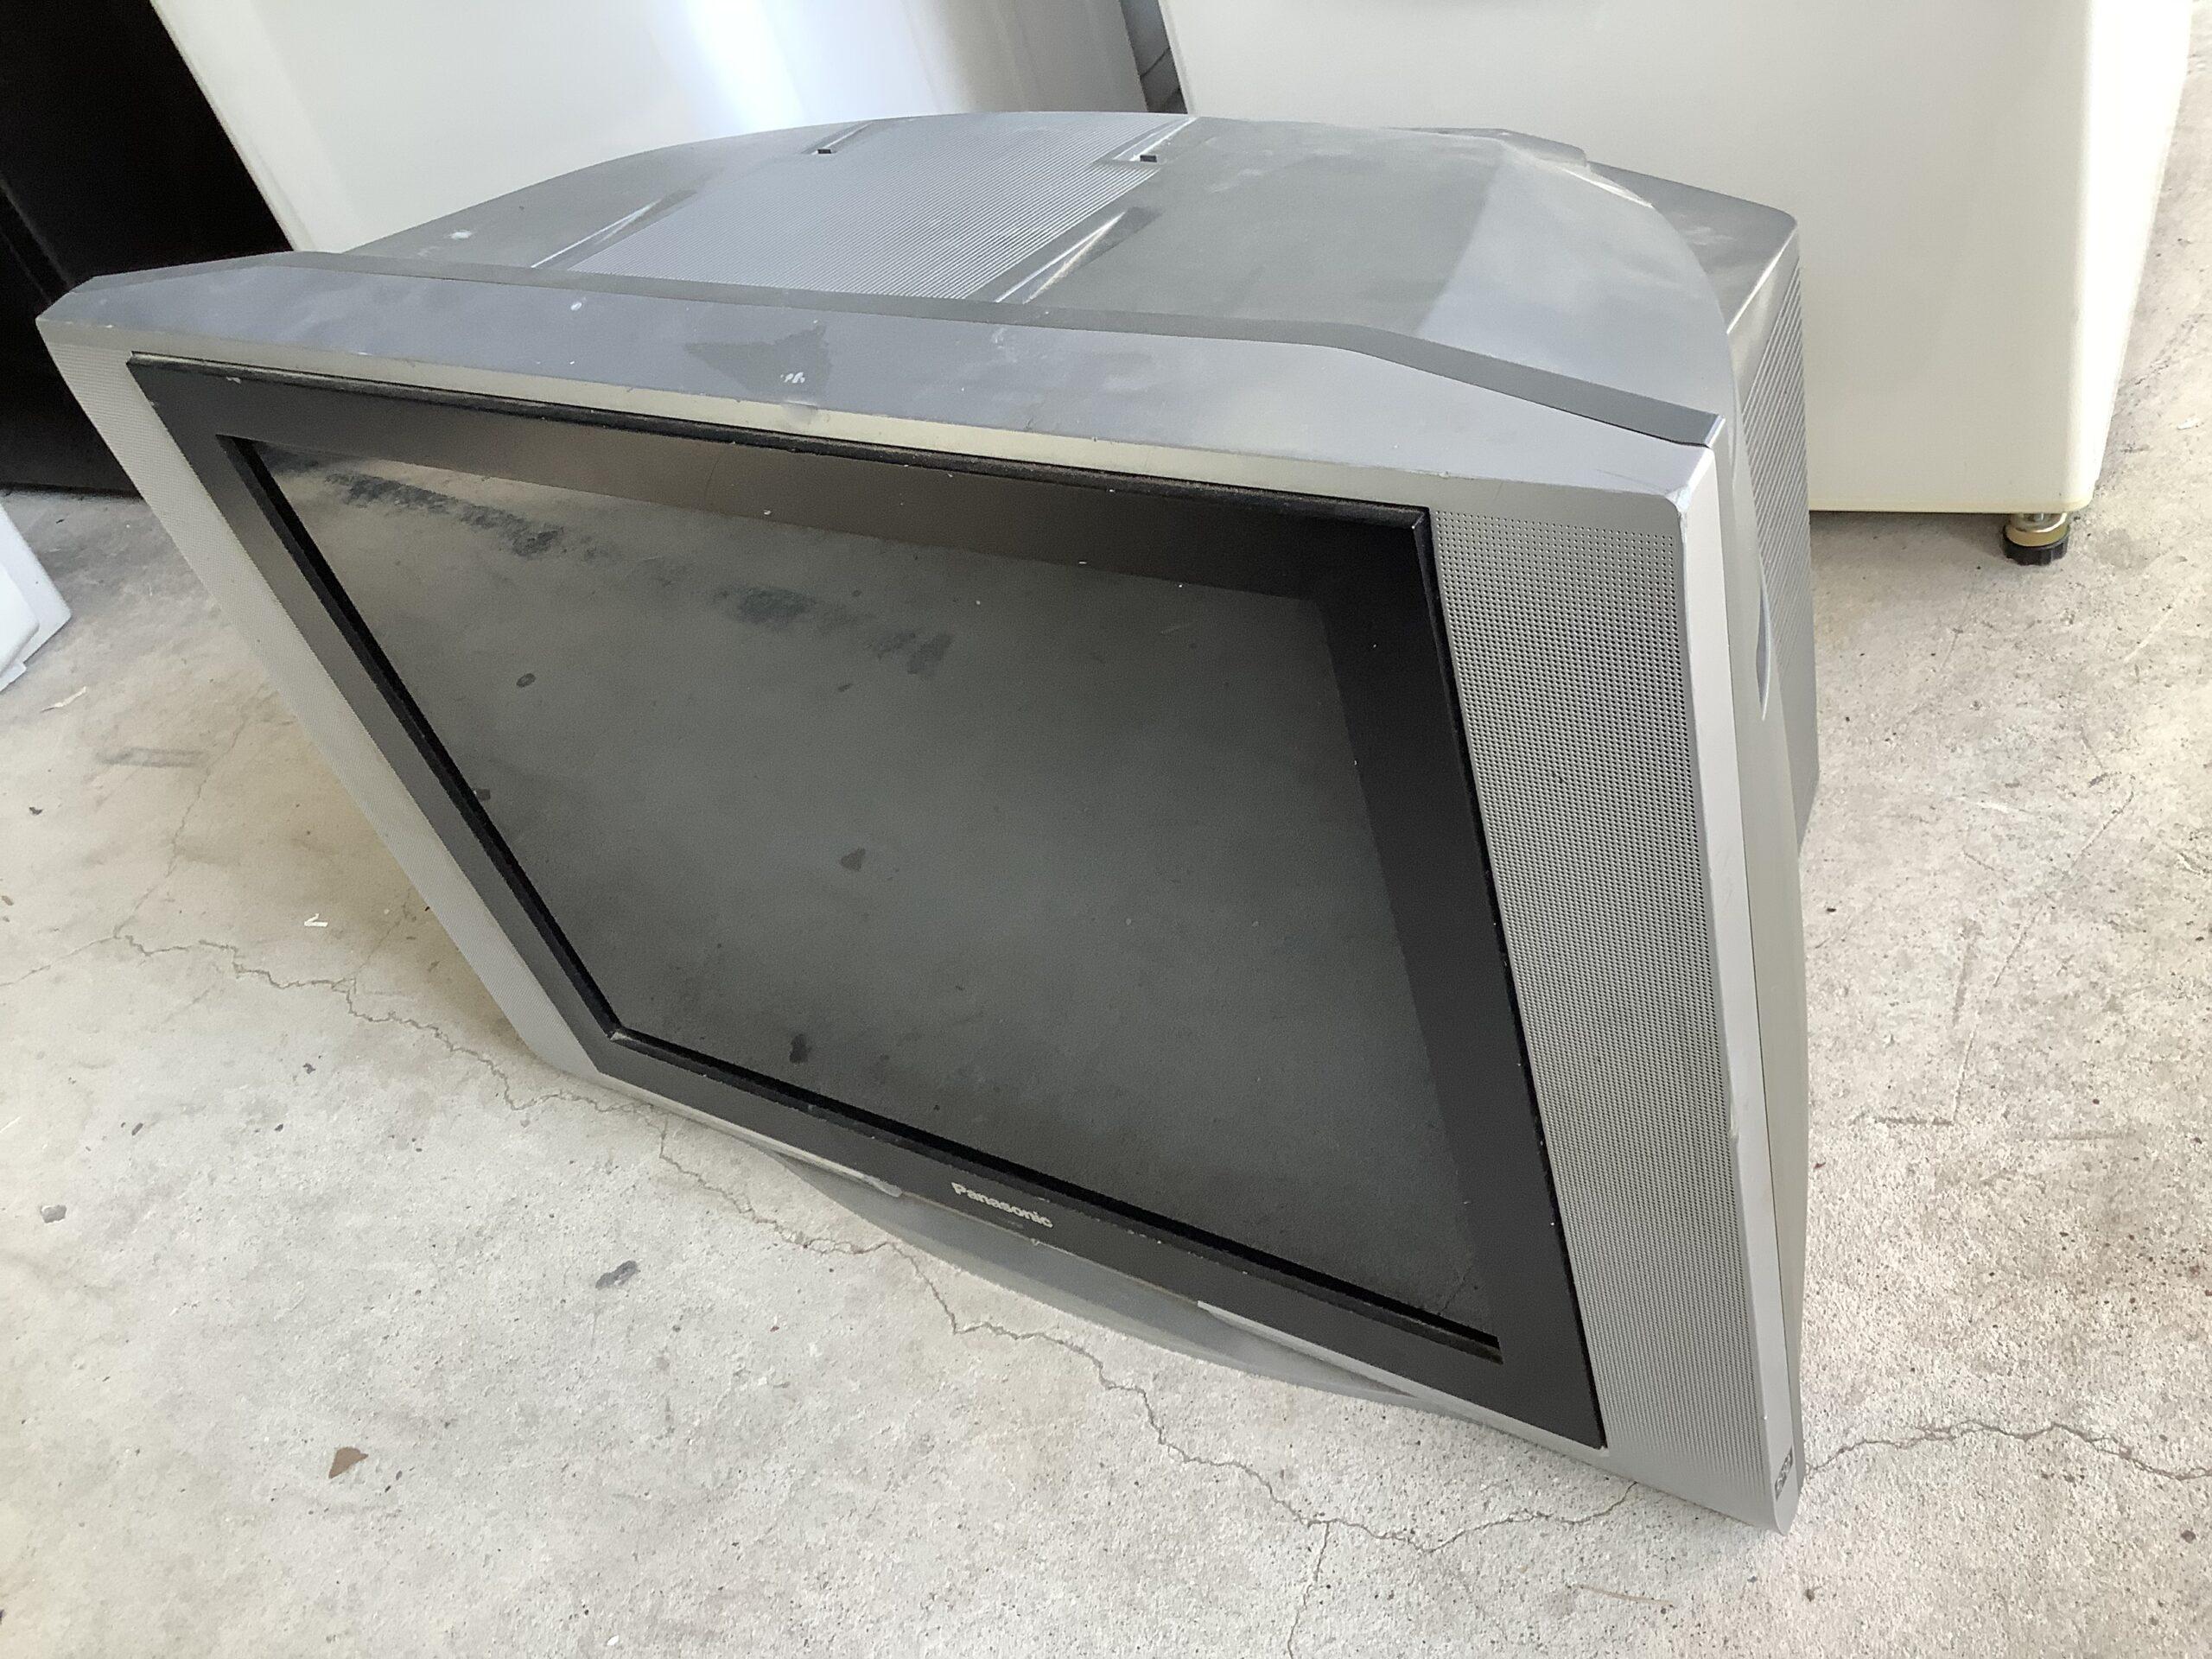 福山市引野町で回収したブラウン管テレビ